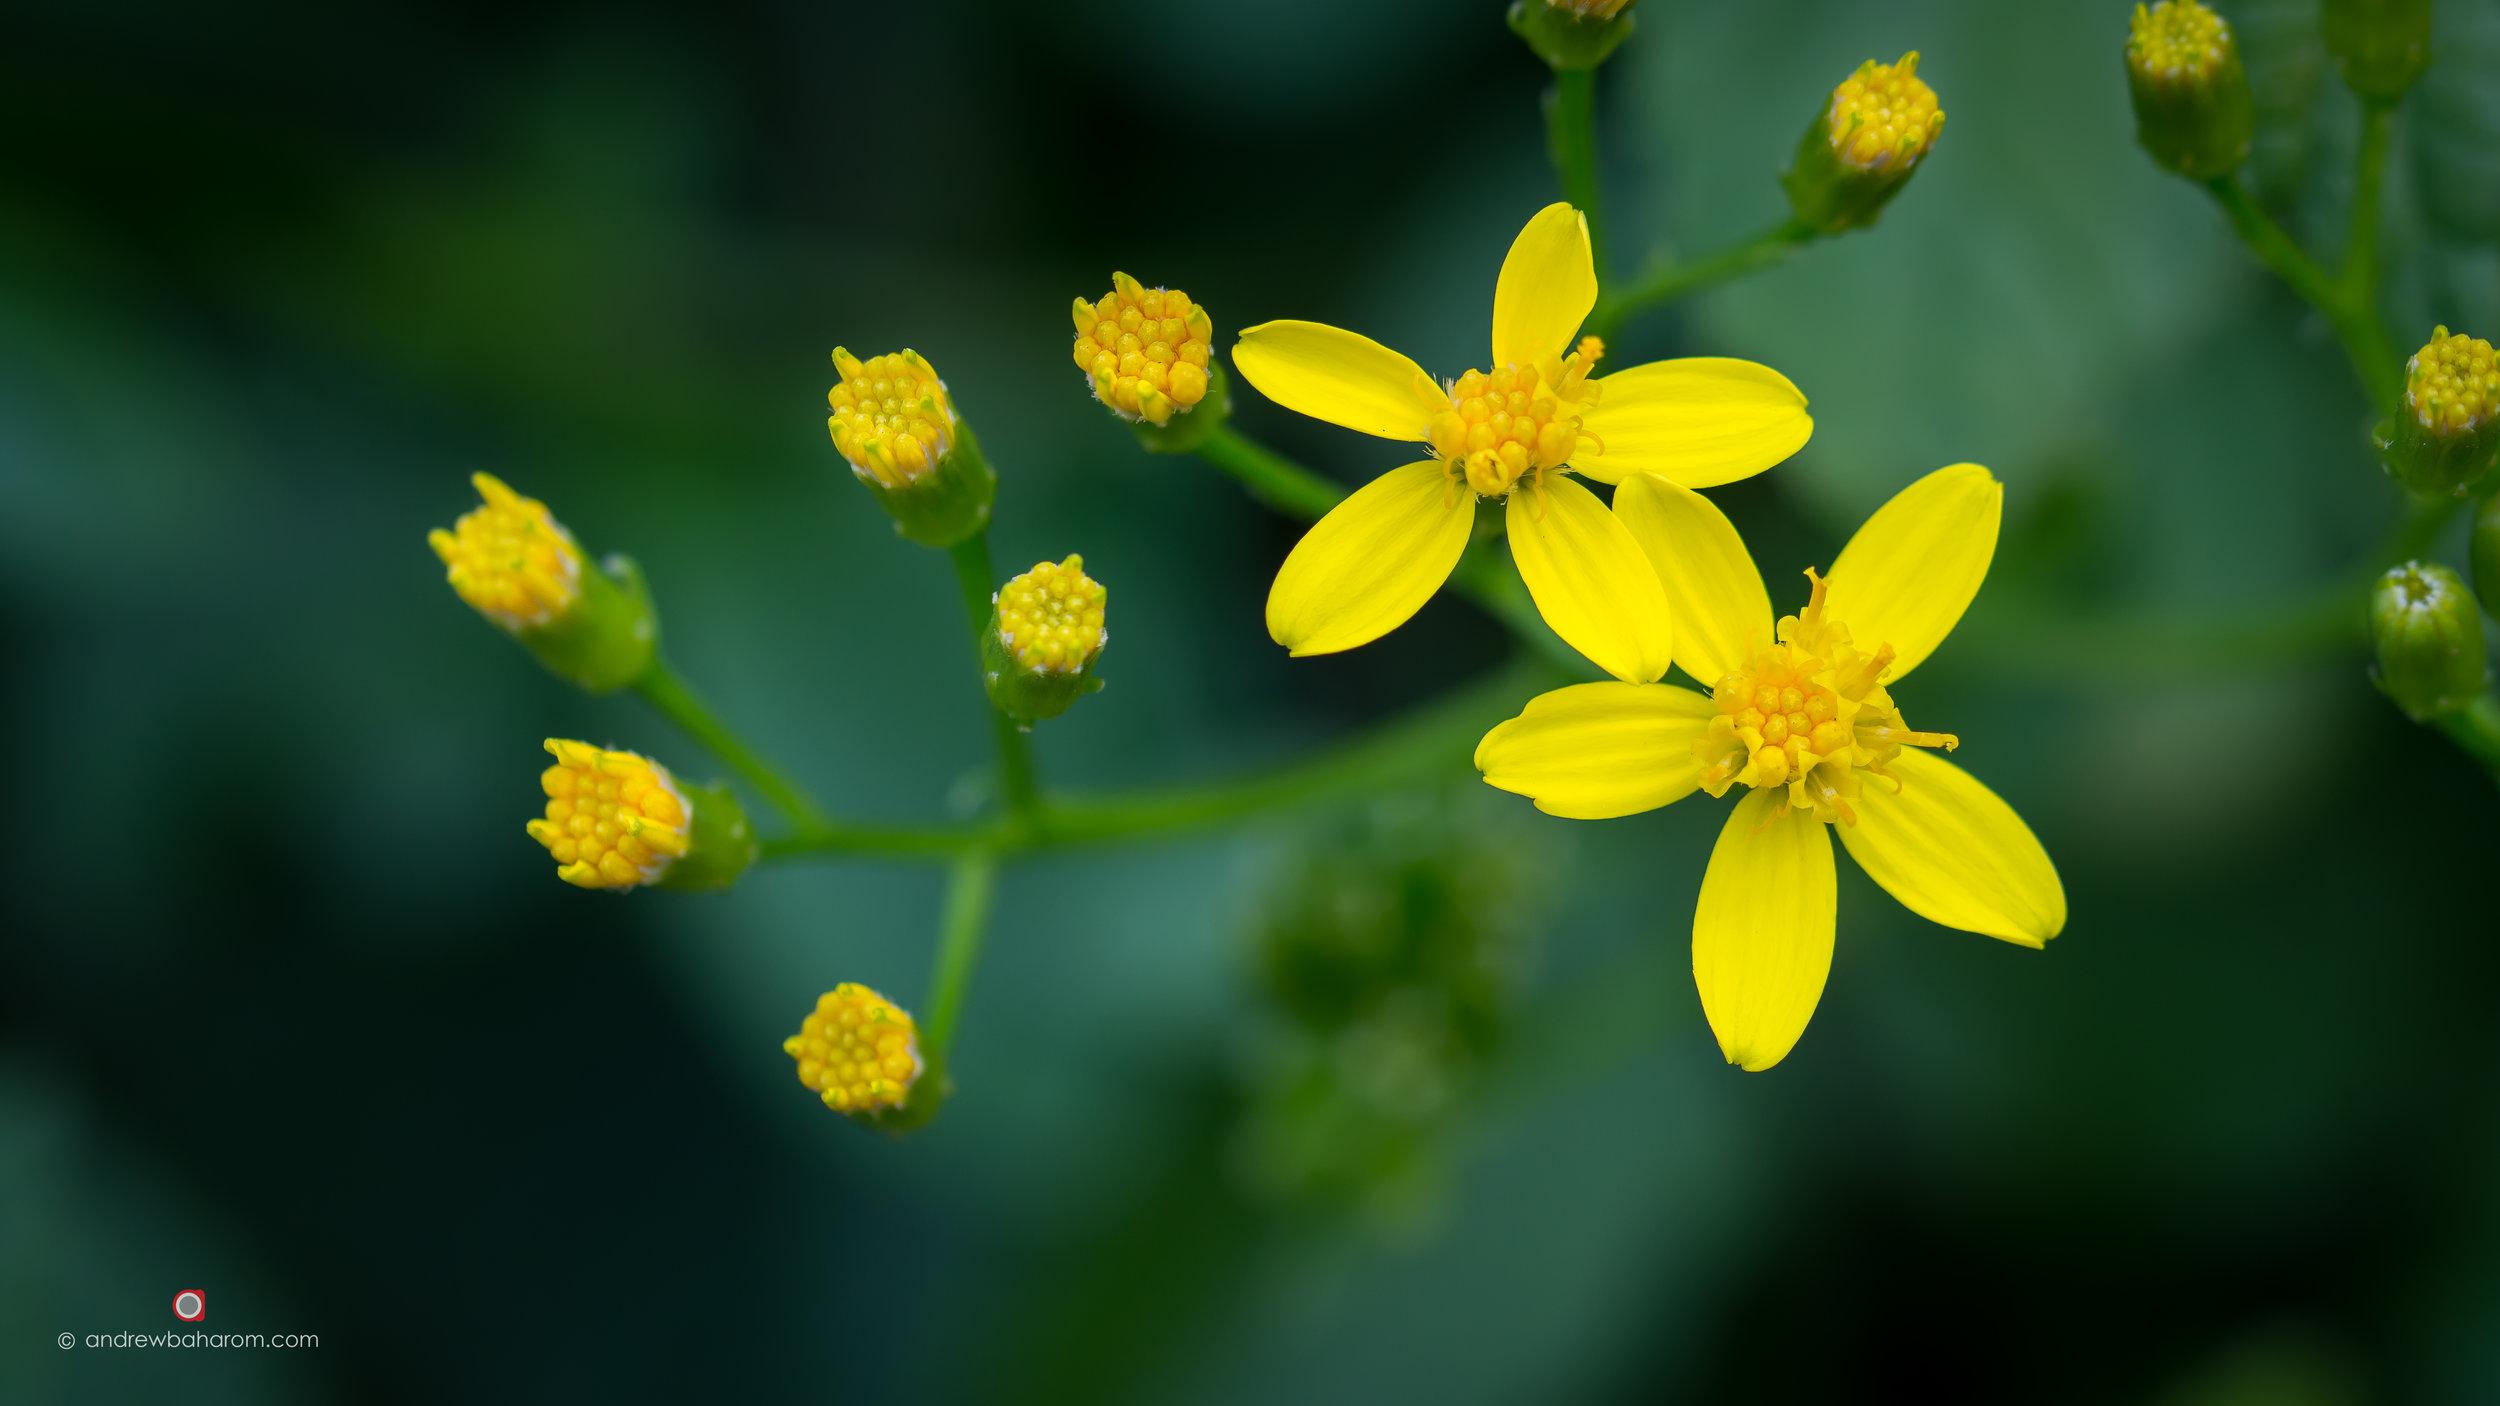 Bright Yellow Flowers.jpg